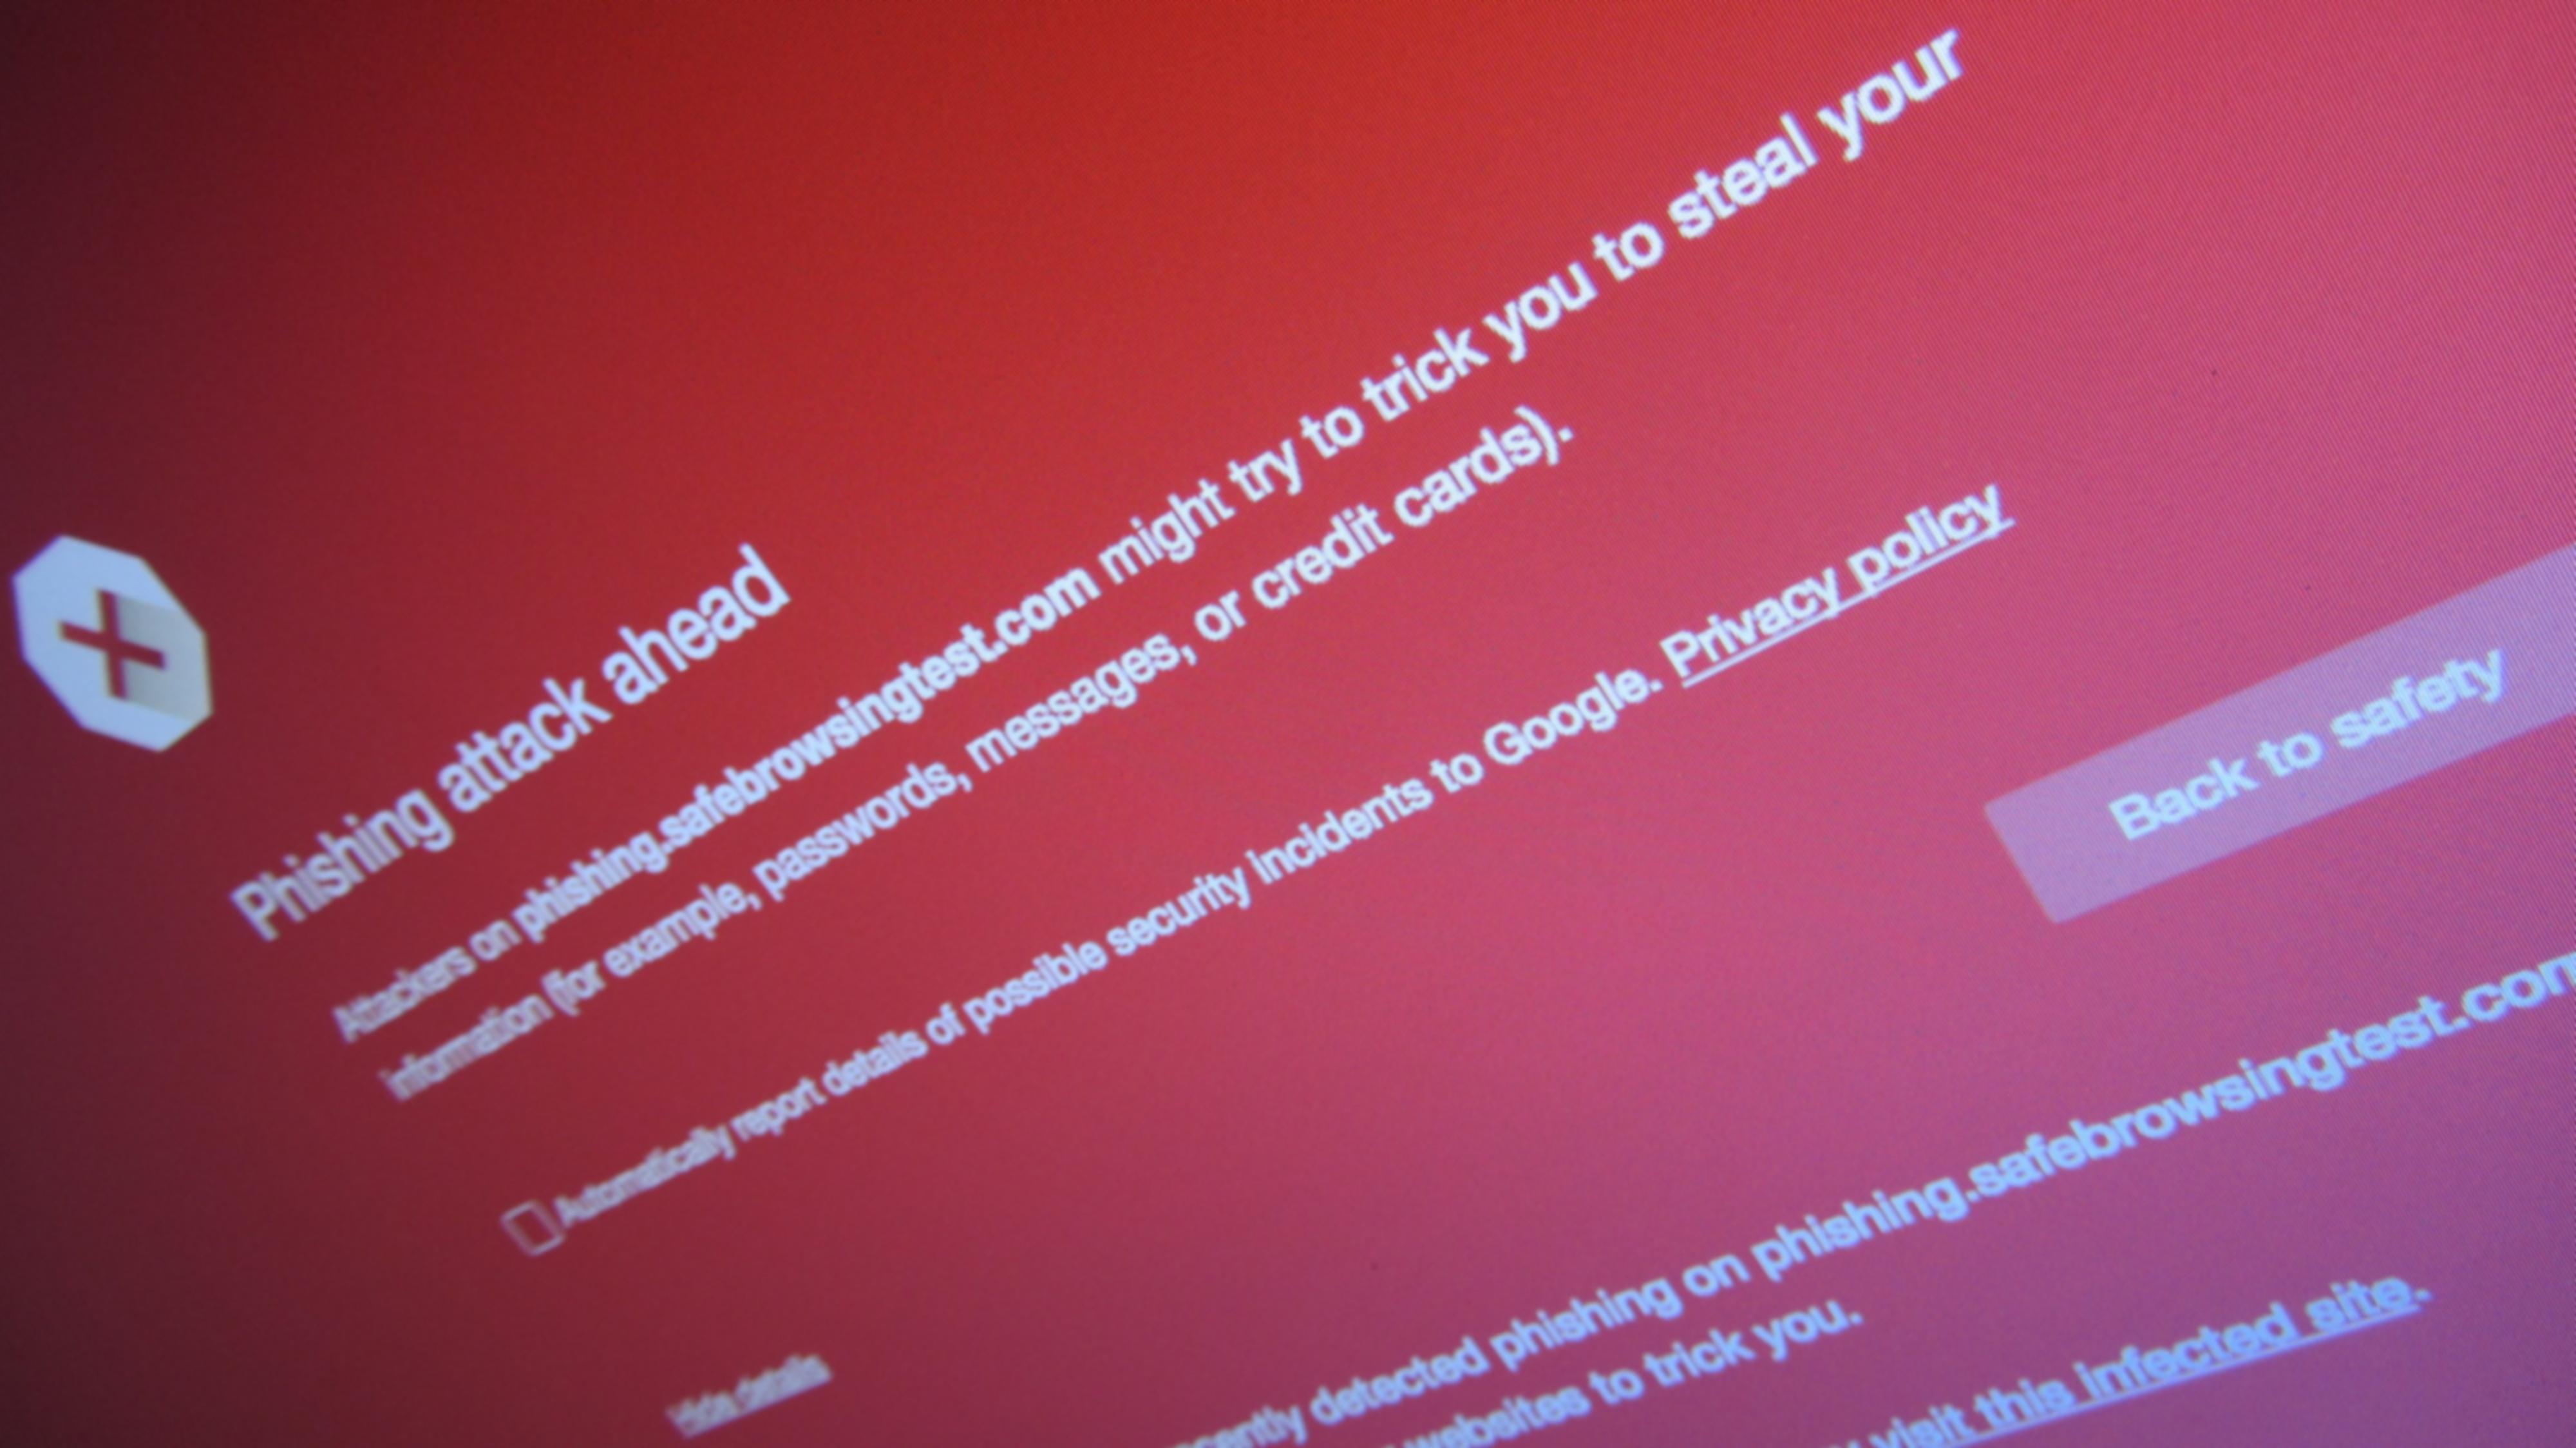 phising-flickr.jpg